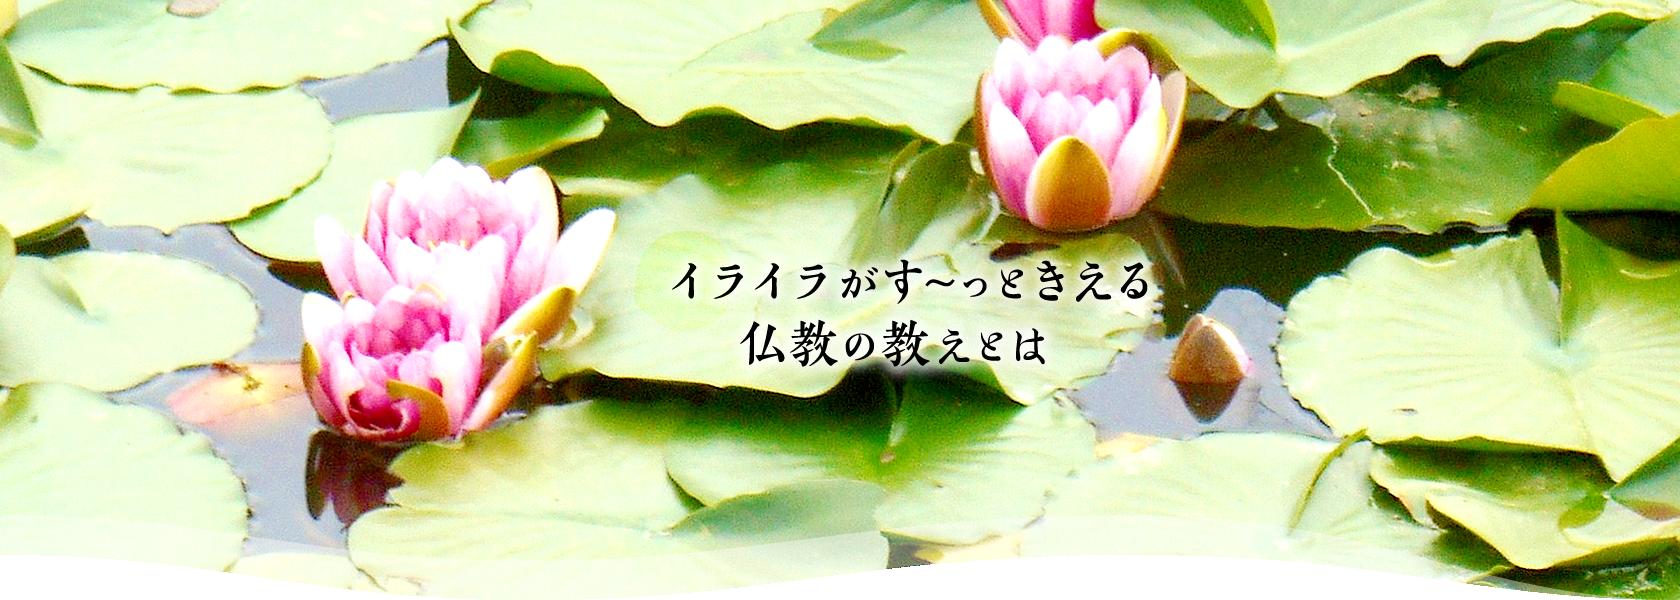 イライラがす~っときえる仏教の教えとは